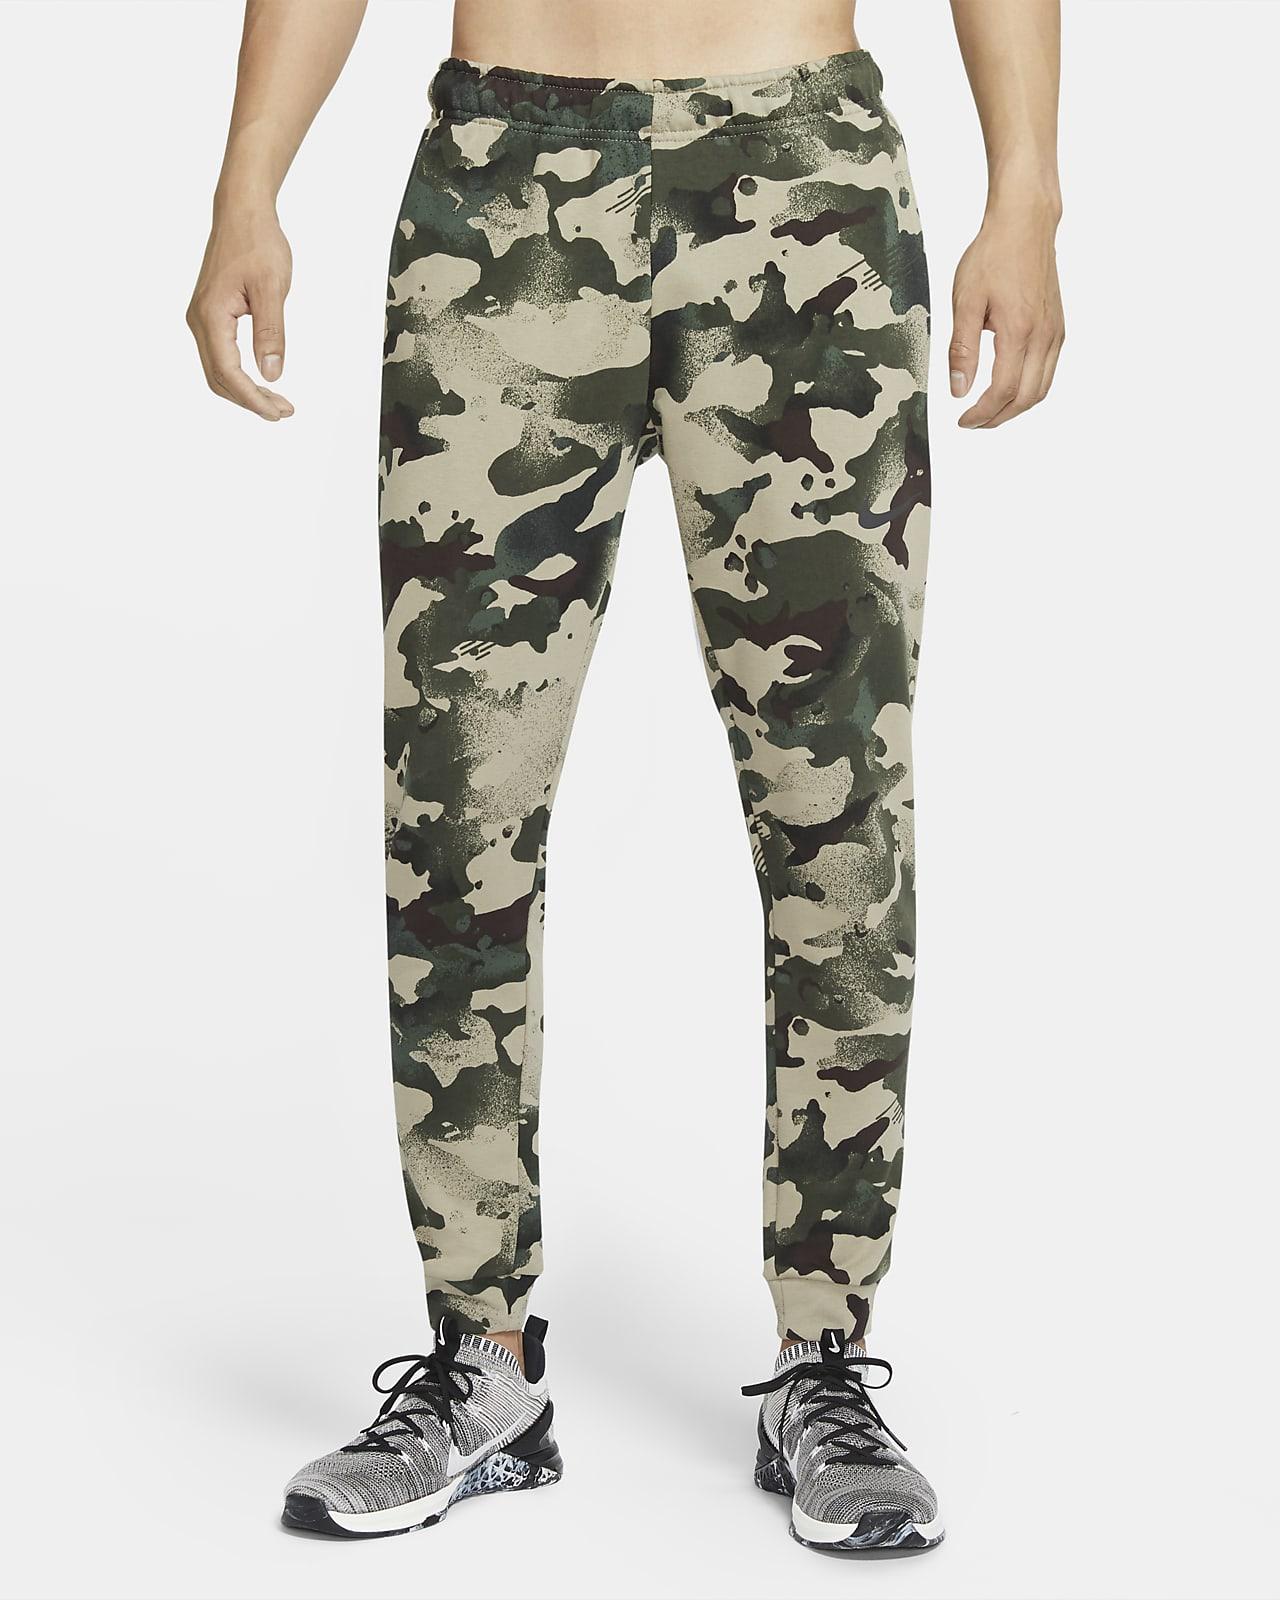 Mens Camo Six Pocket Pants in Max 4